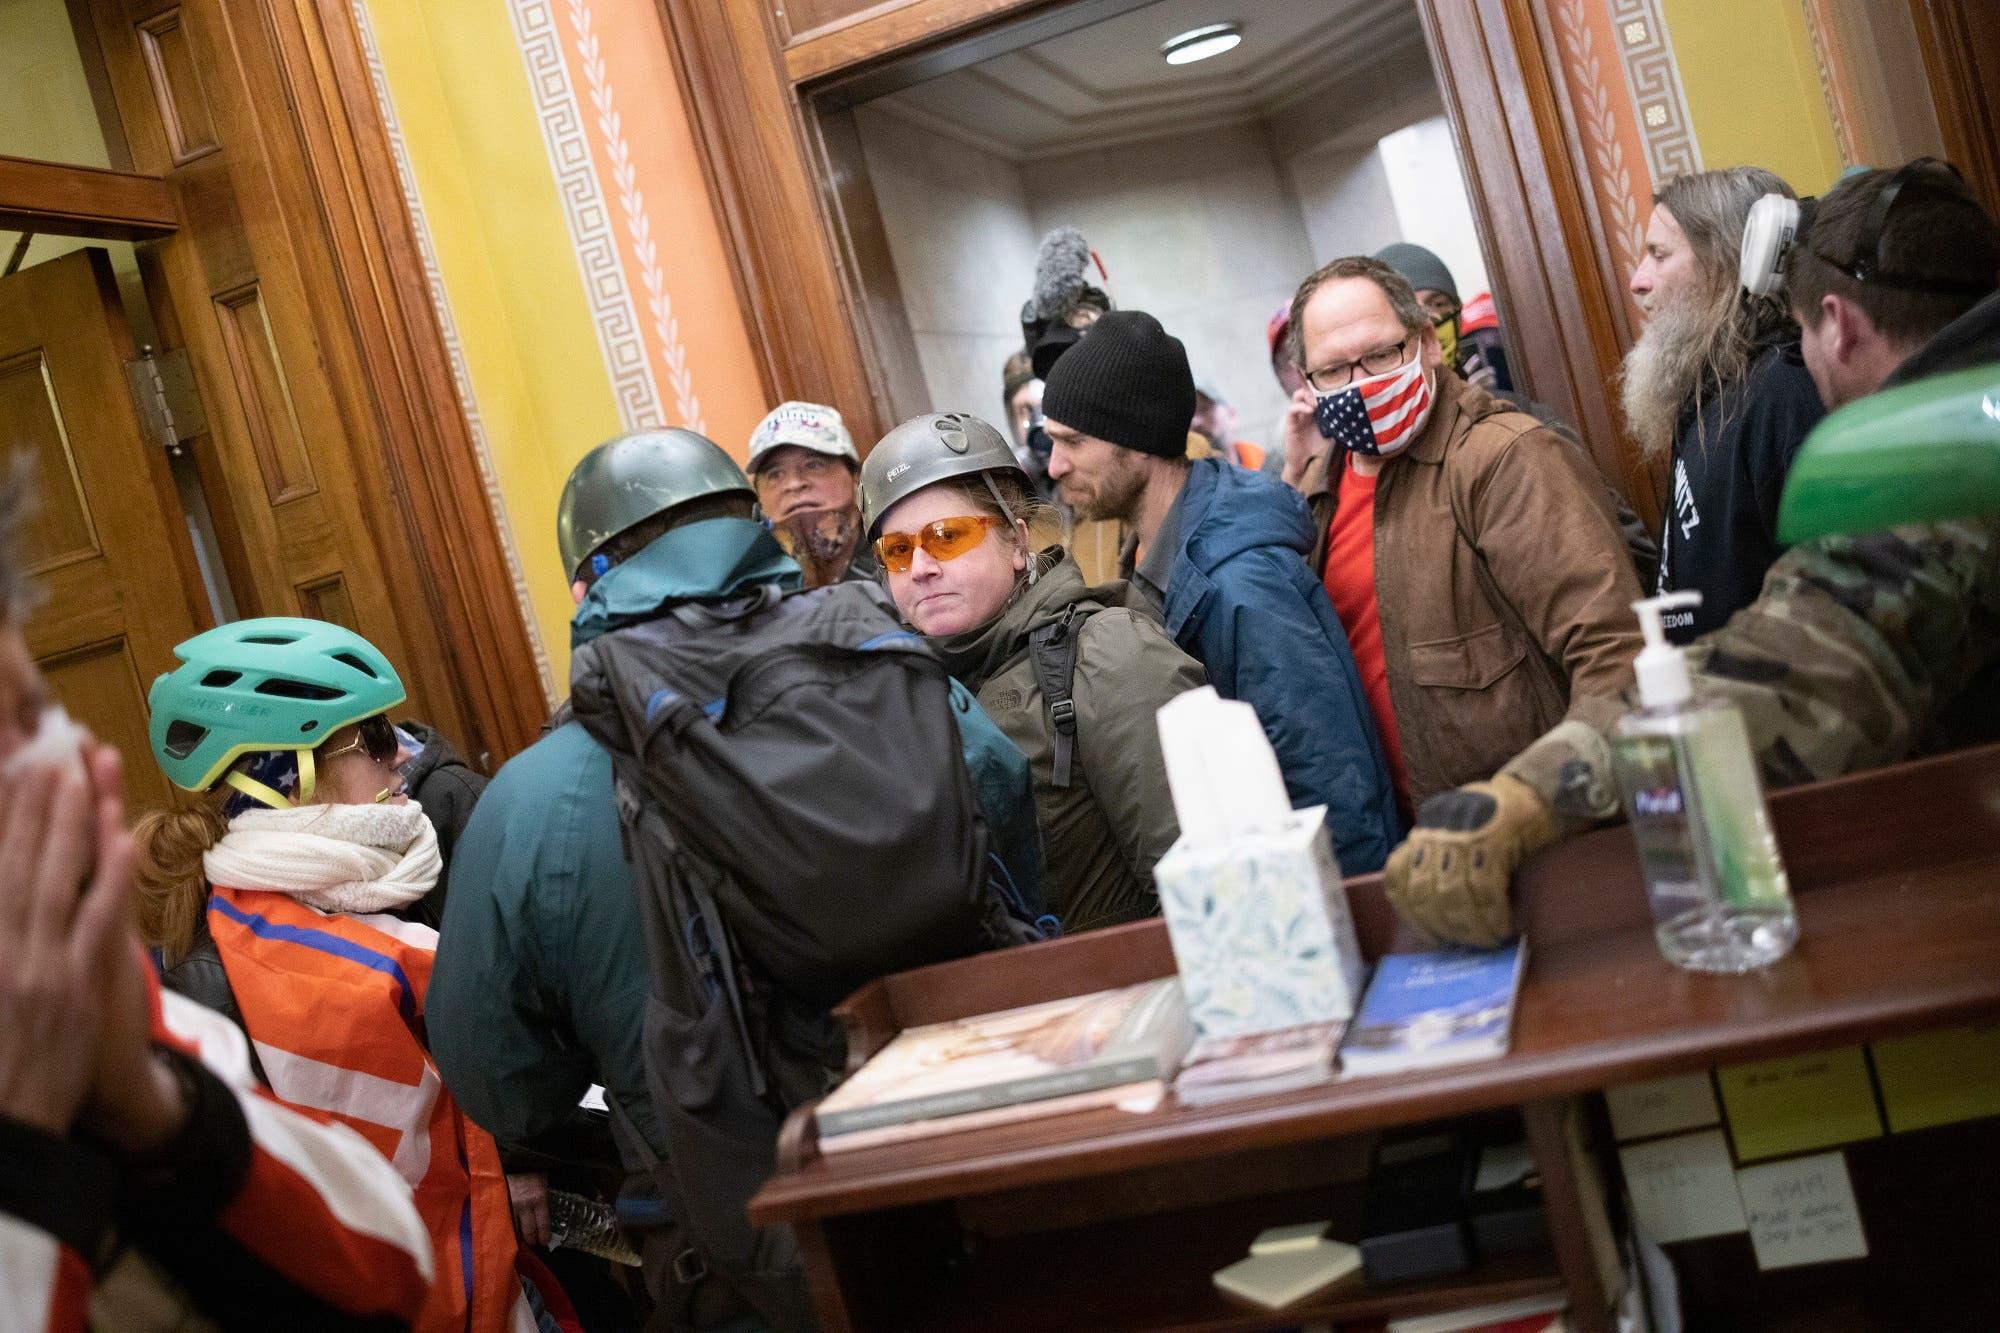 أنصار ترمب بالقرب من مكتب بيلوسي يوم 6 يناير